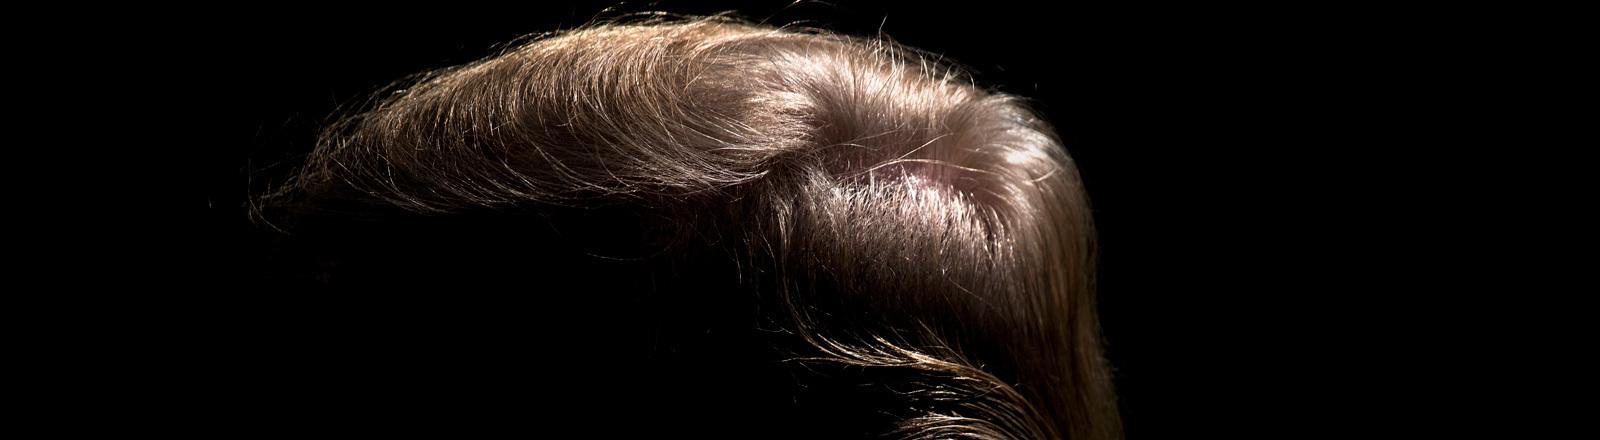 Trumps Haare, sein Gesicht liegt im Dunkeln